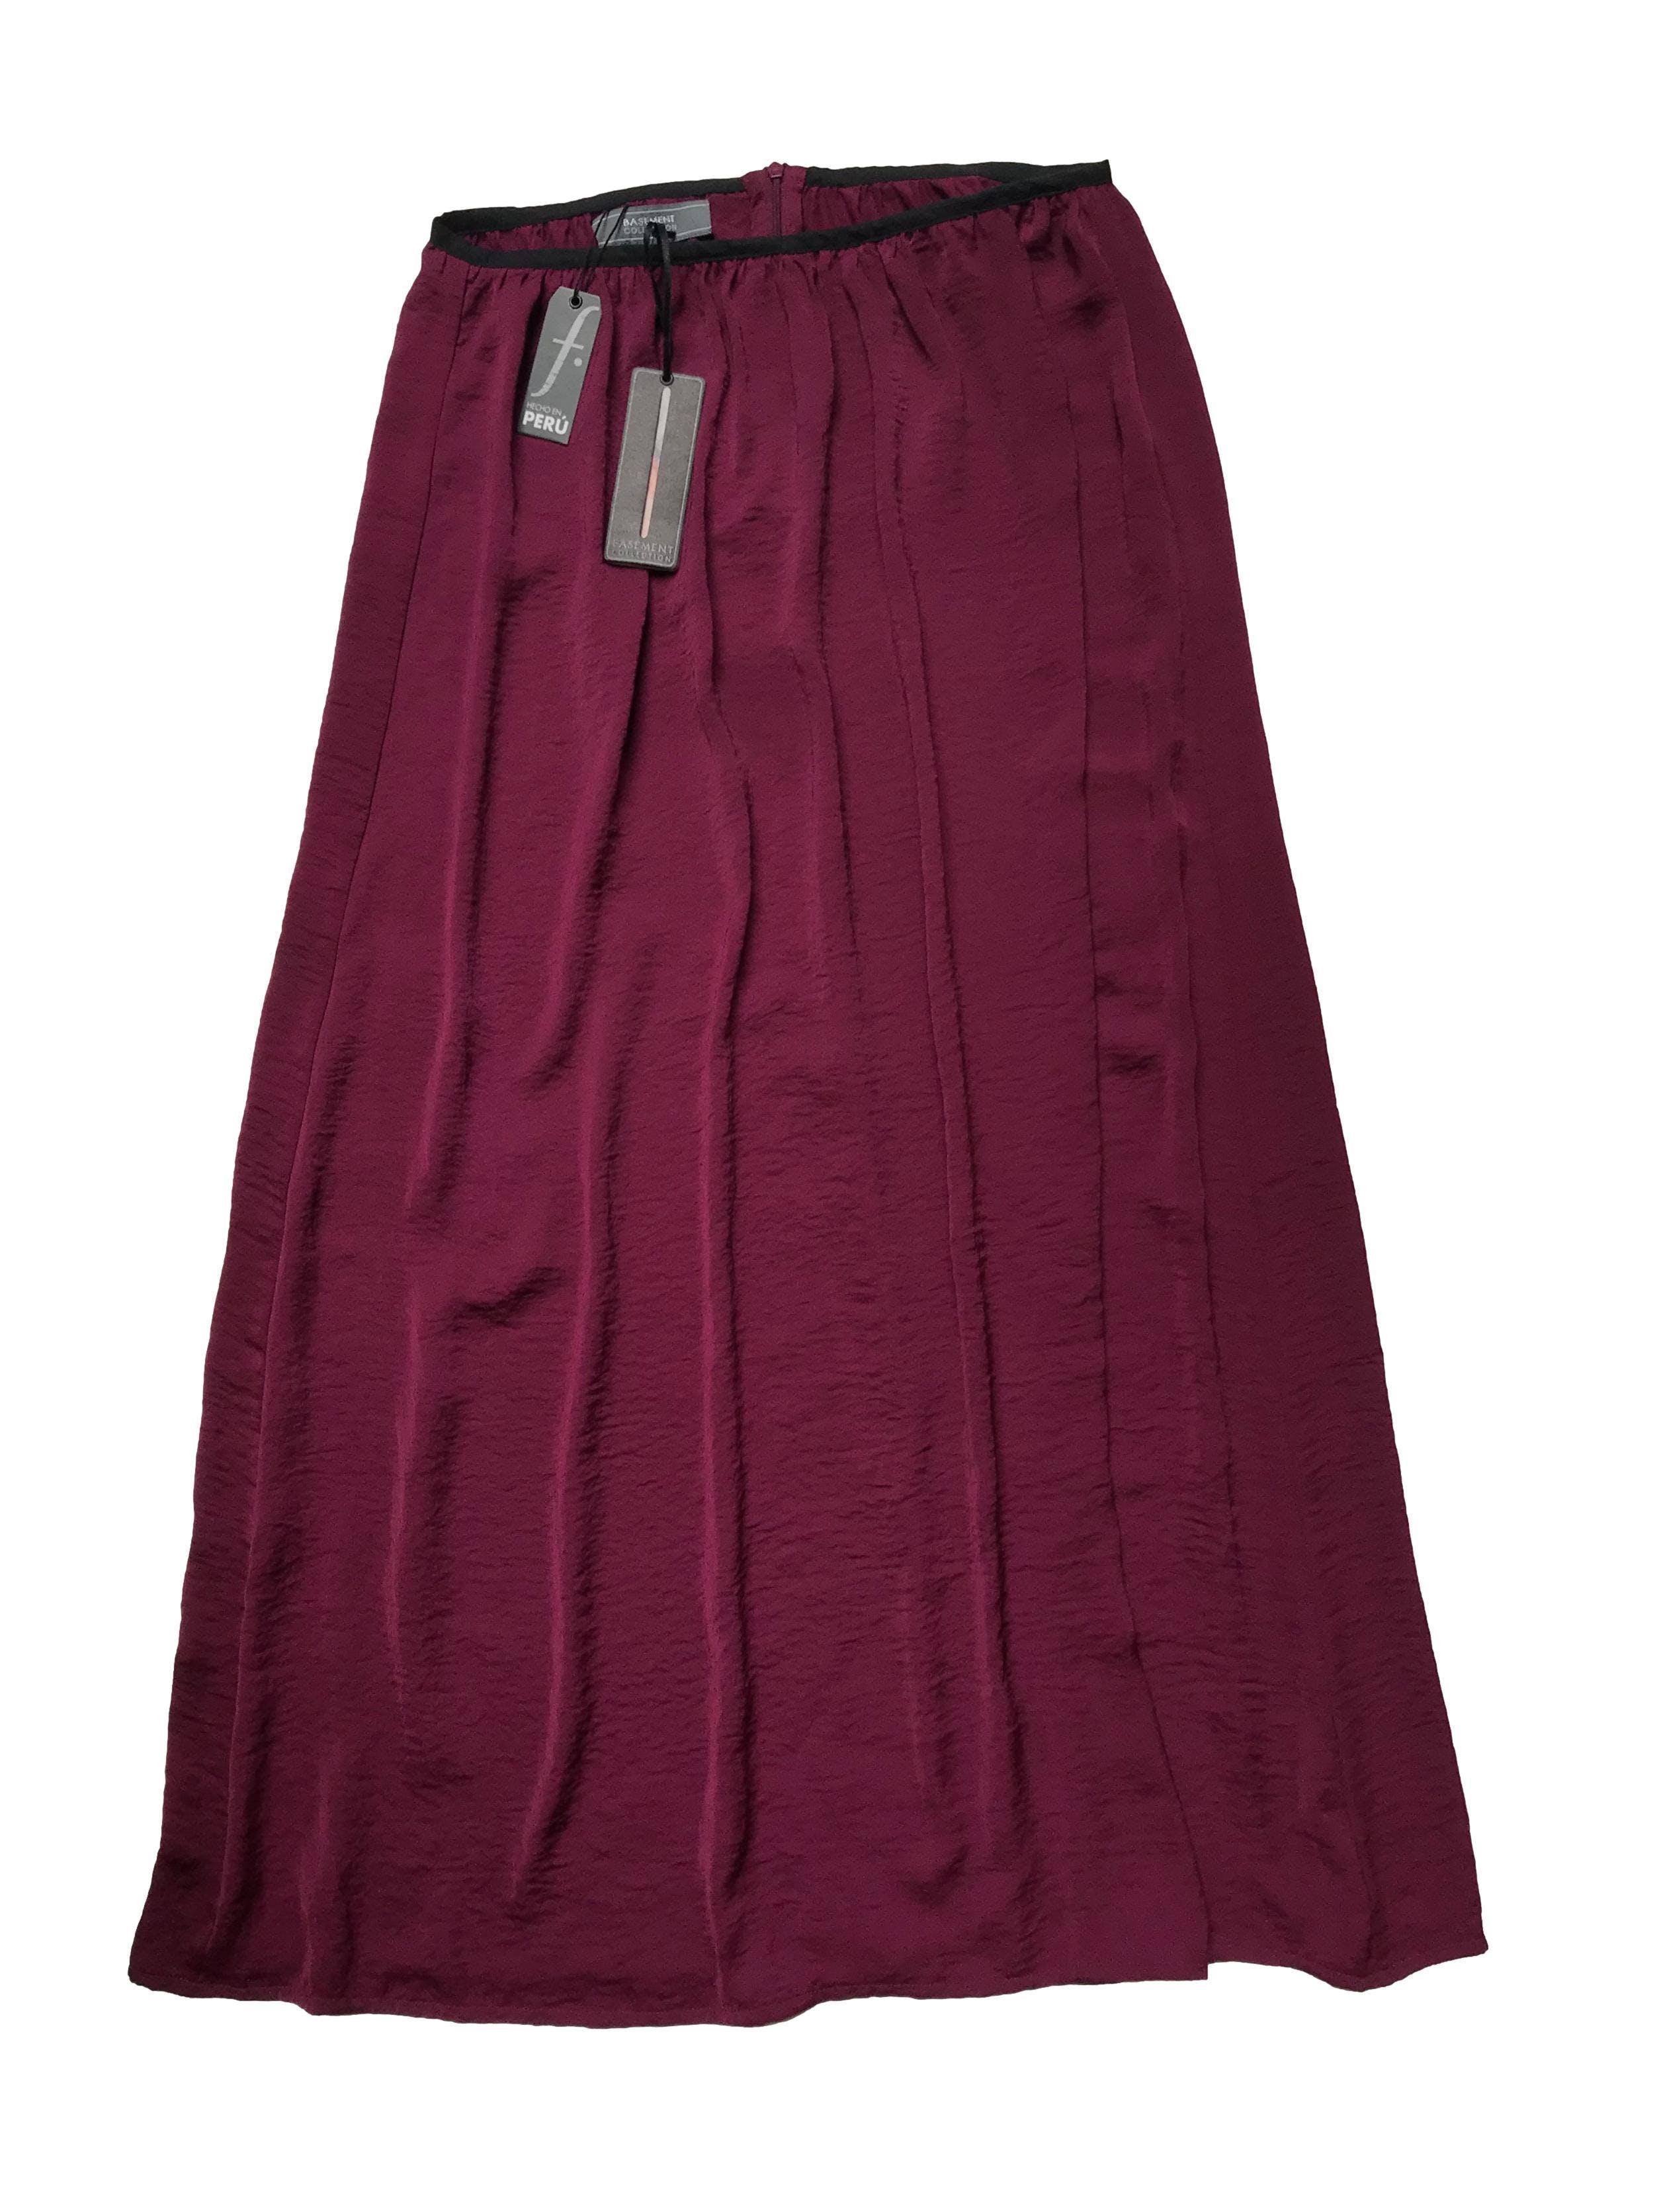 Falda larga Basement, guinda ligeramente satinada, tela sedosa, tiene cierre posterior. Cintura 76cm Largo 95cm . Nueva con etiqueta